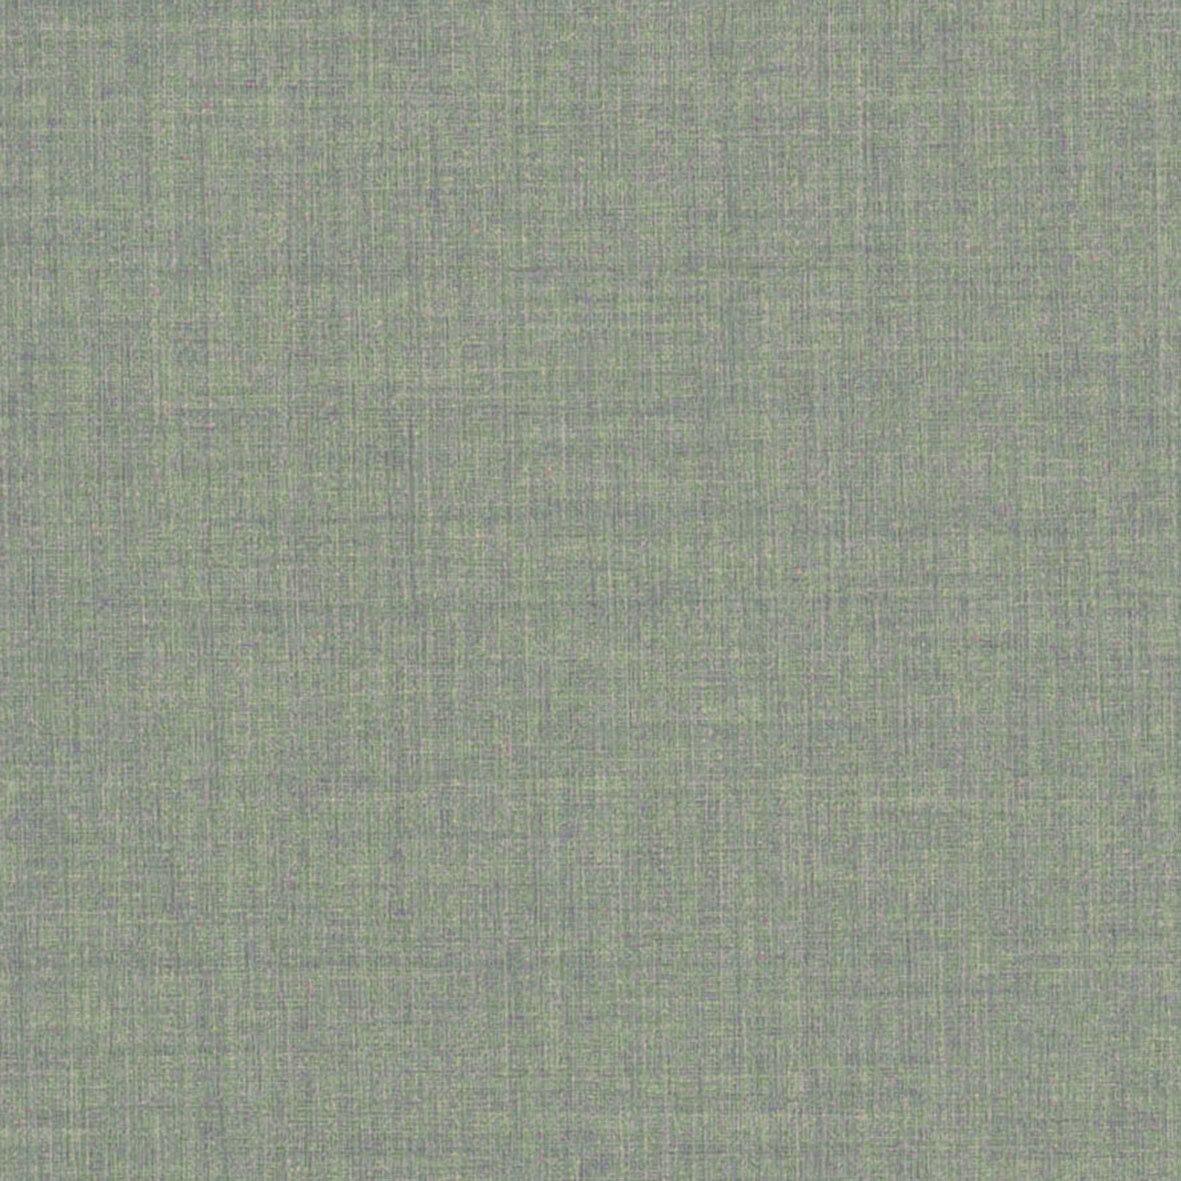 リリカラ 壁紙23m ナチュラル 織物調 グレー LL-8544 B01N3XWTWF 23m|グレー2